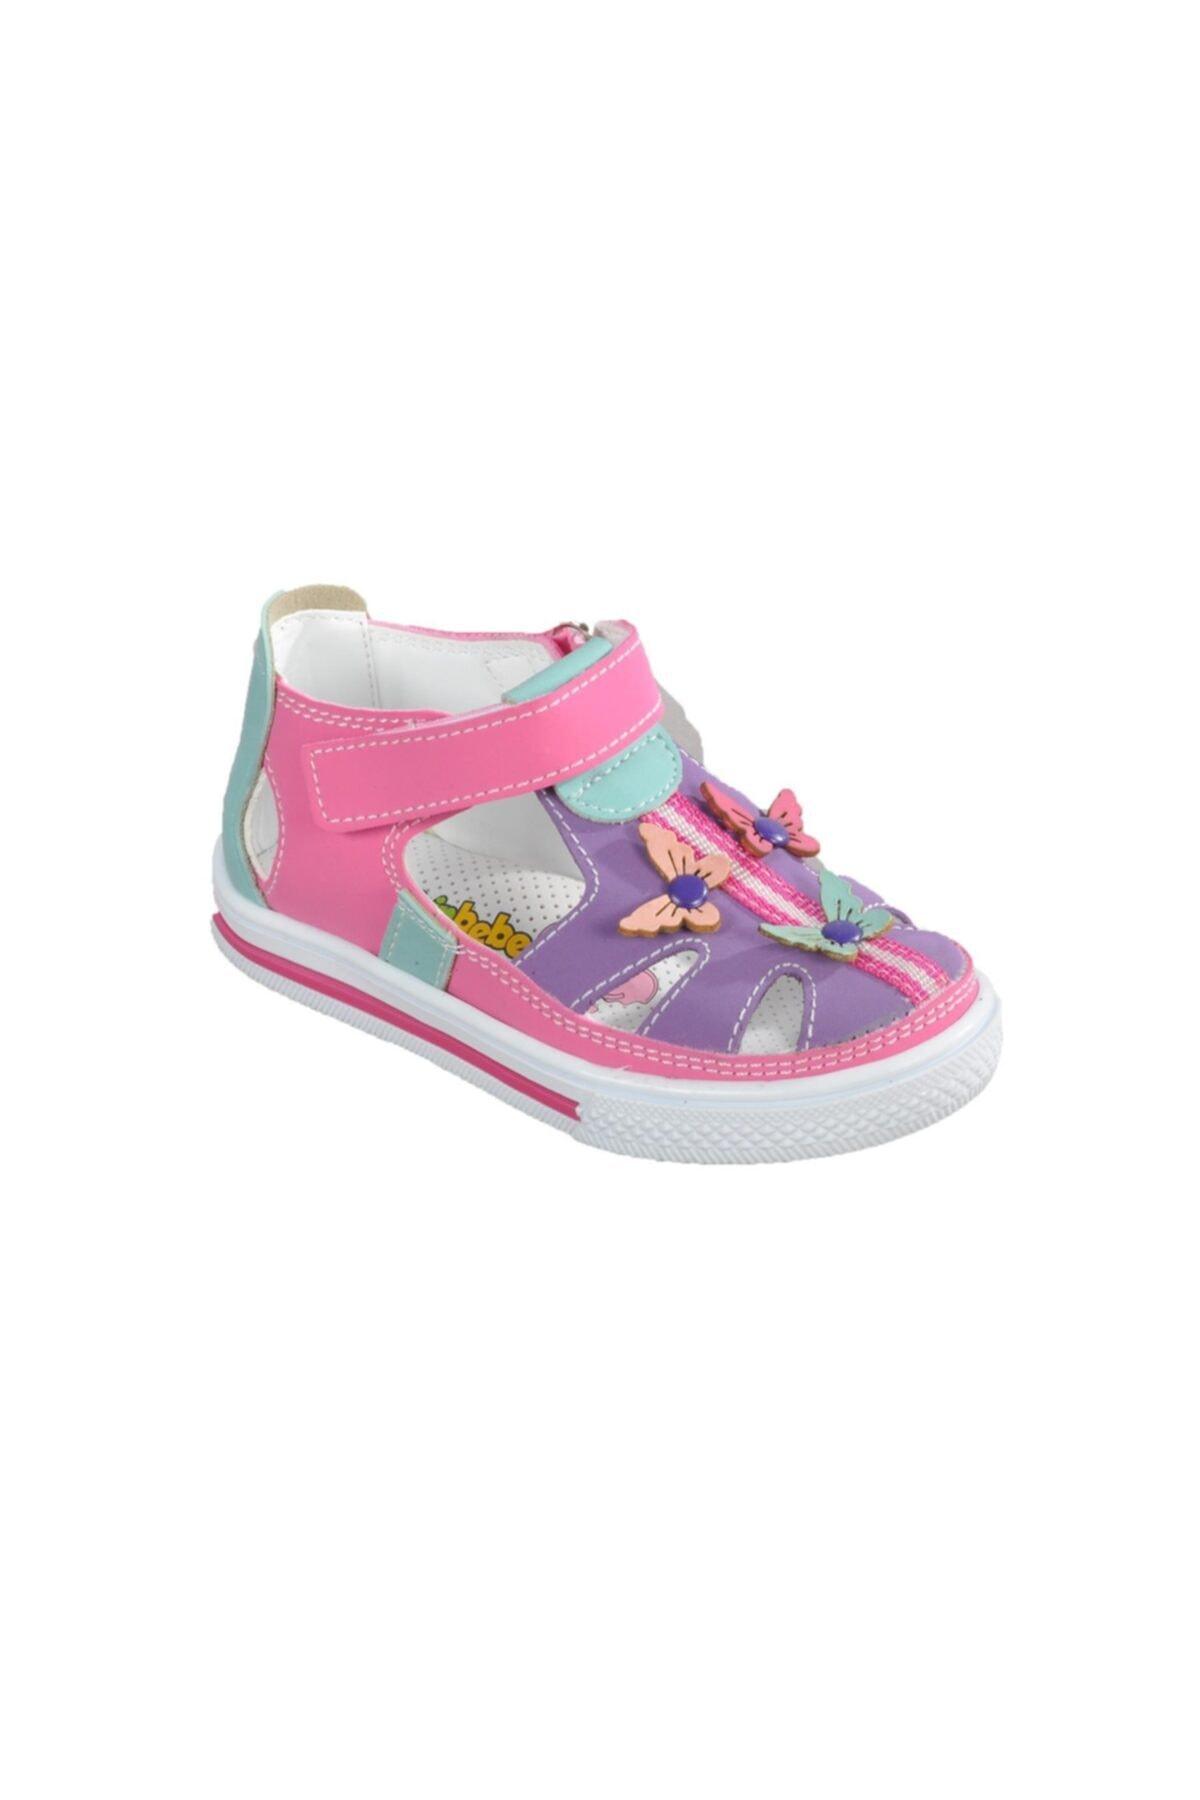 012 Pembe-mor Bebek Ayakkabısı